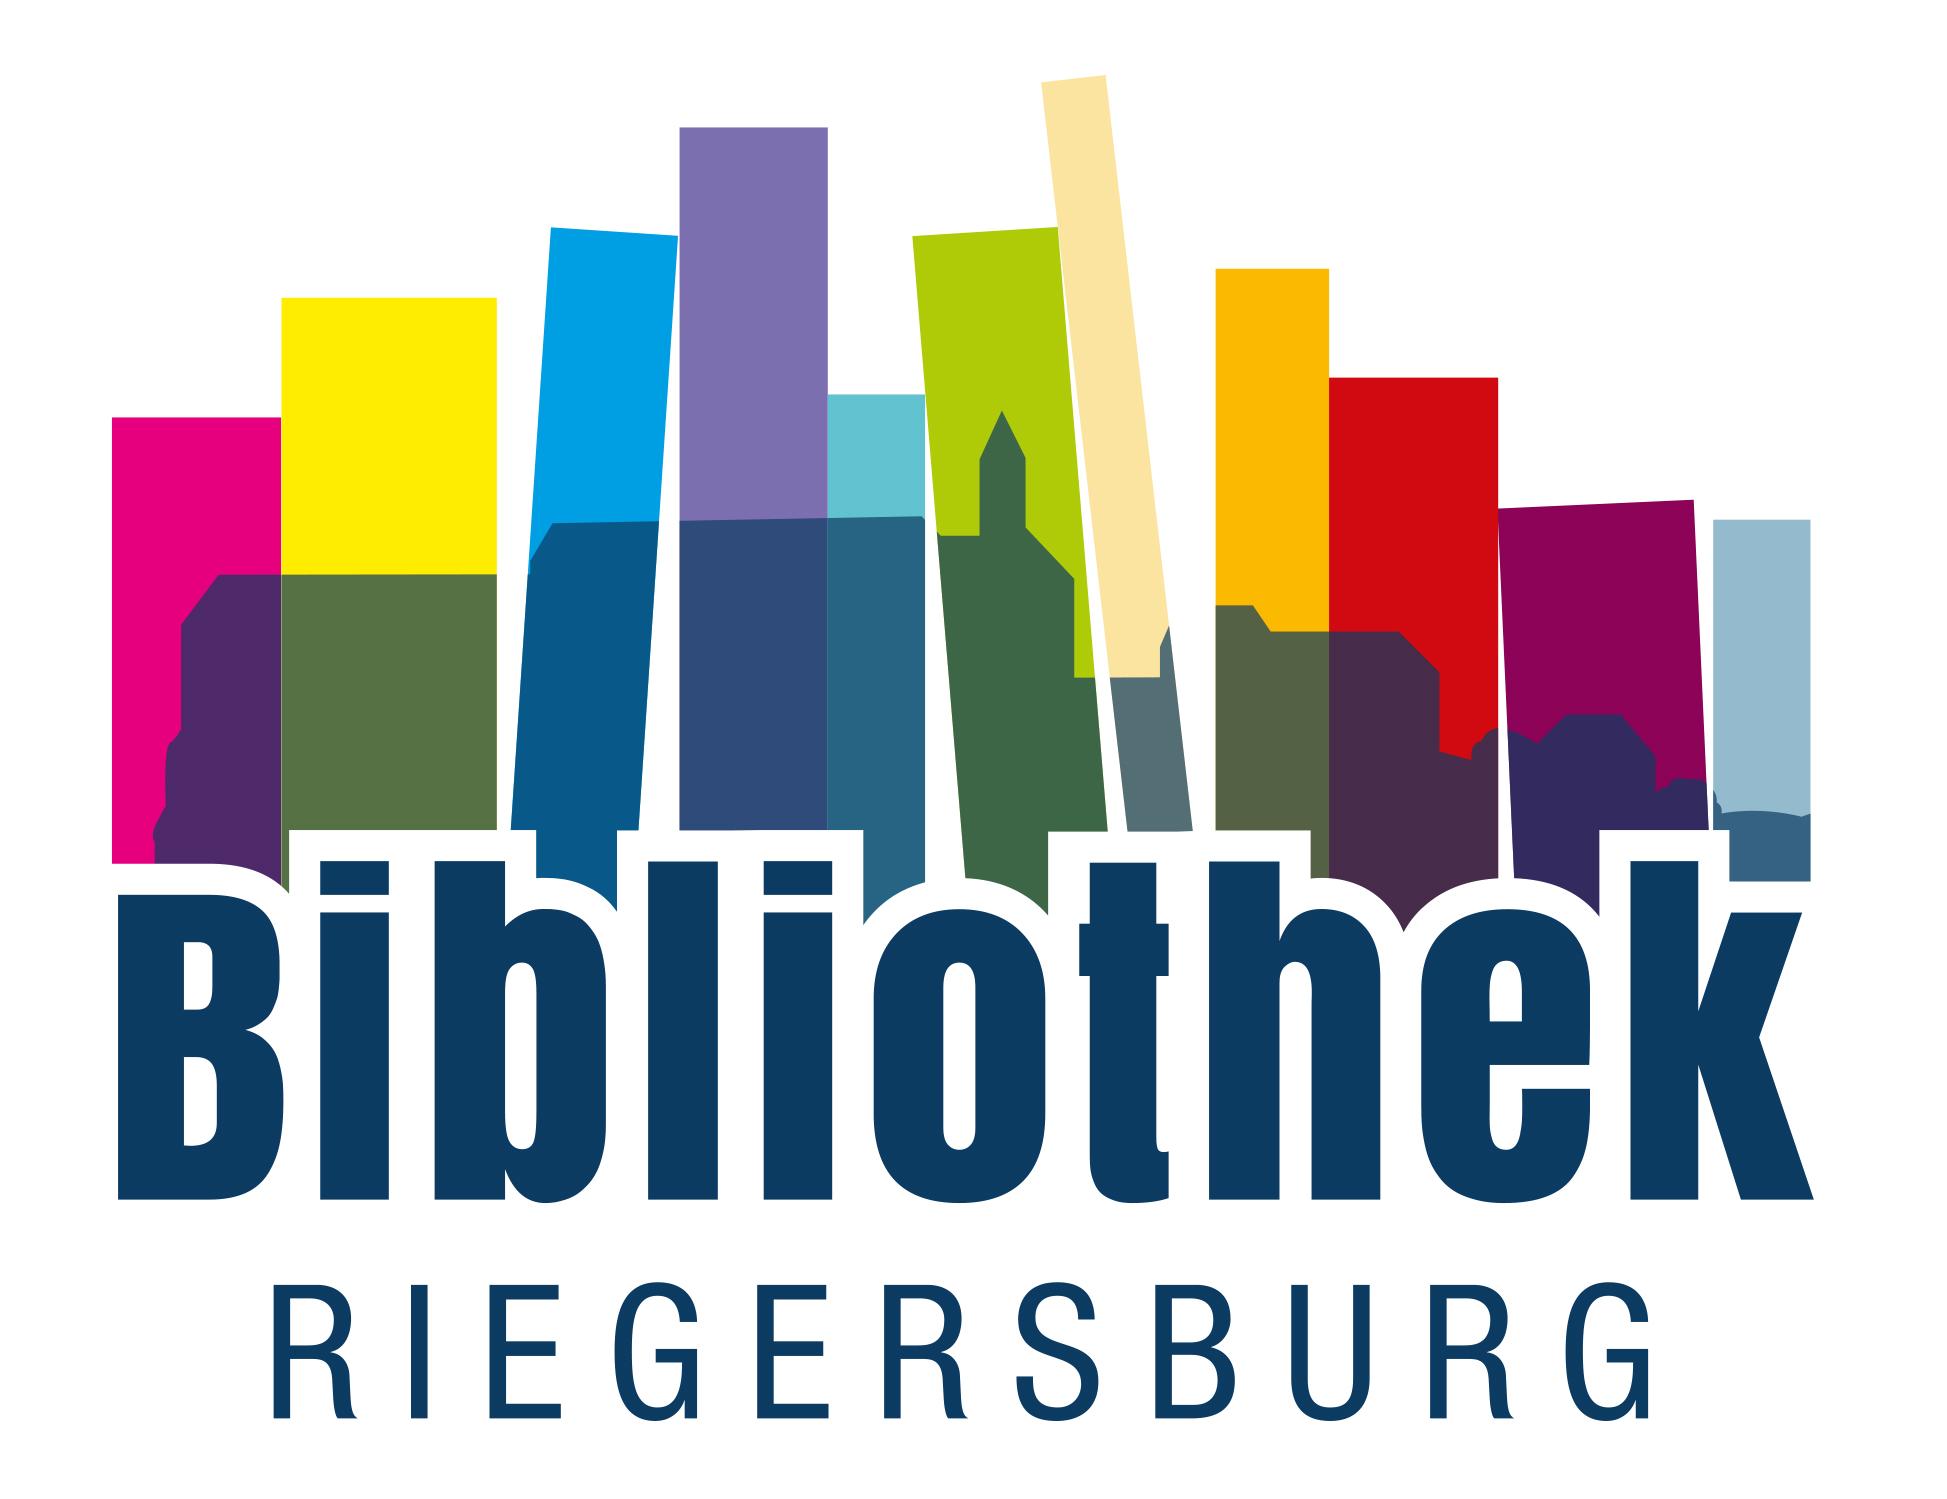 Marke-Bibliothek-Riegersburg